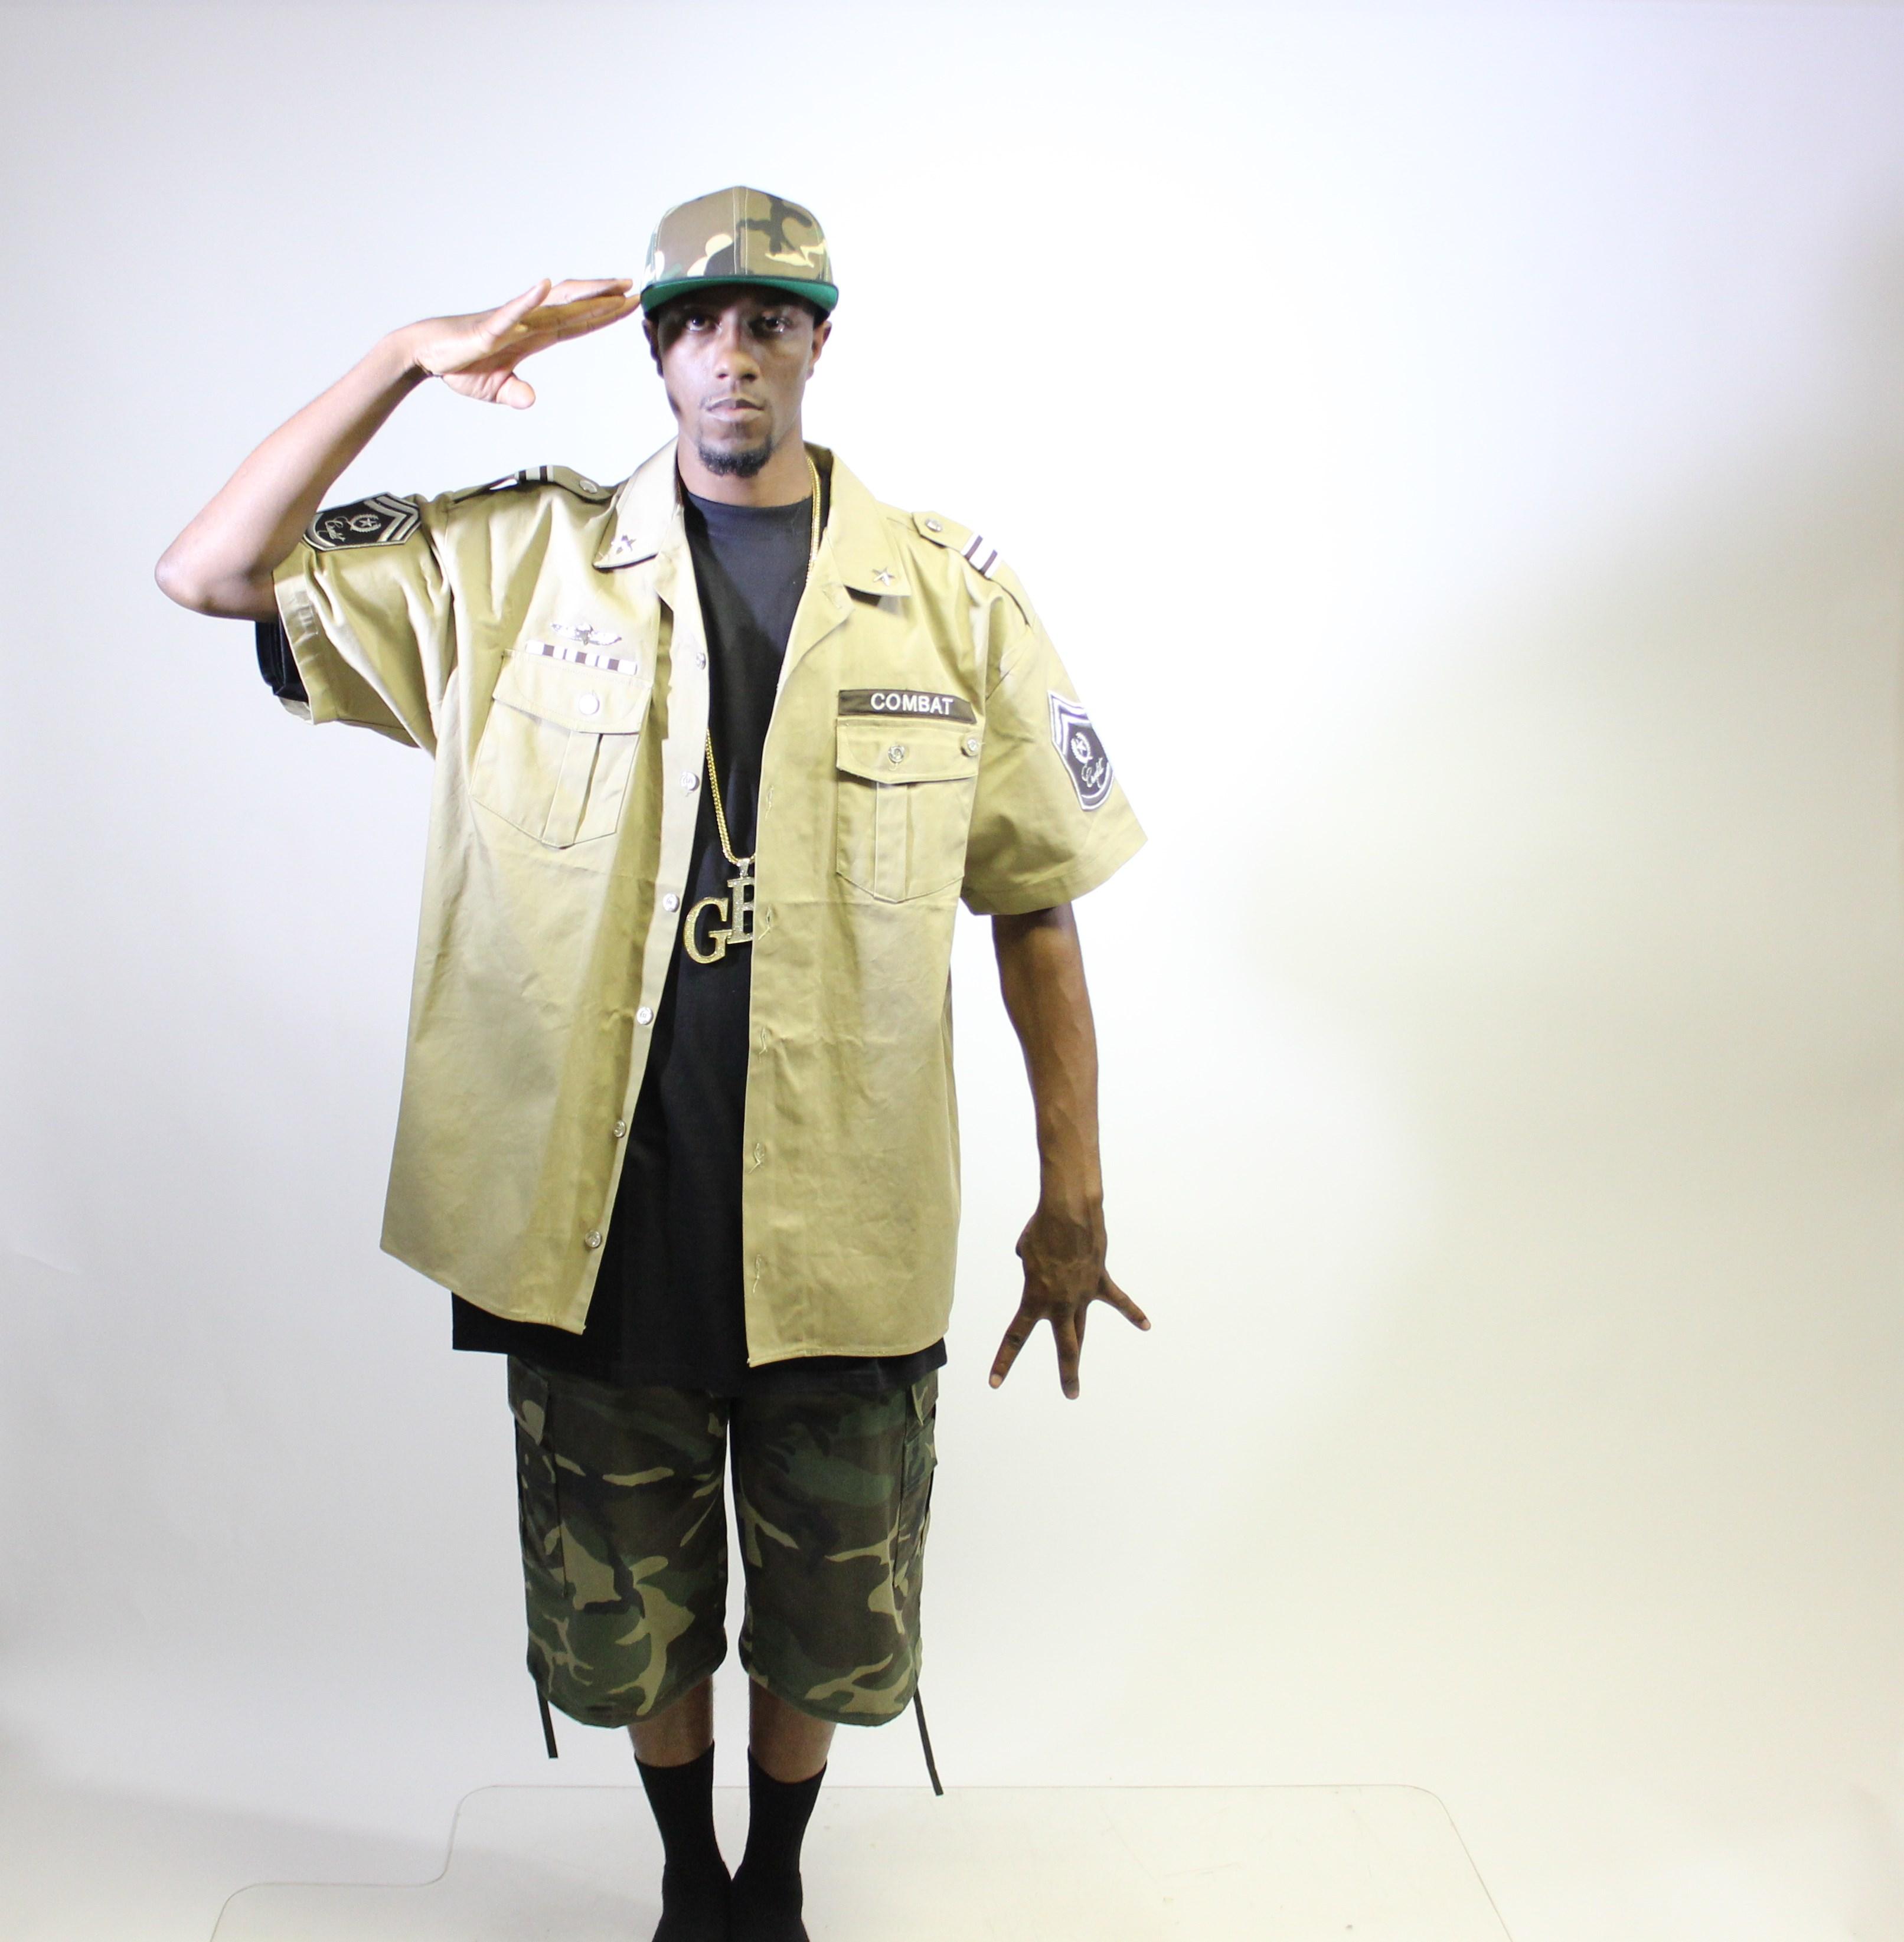 IMG_5149 - CommandinG Officer Braddy (6)